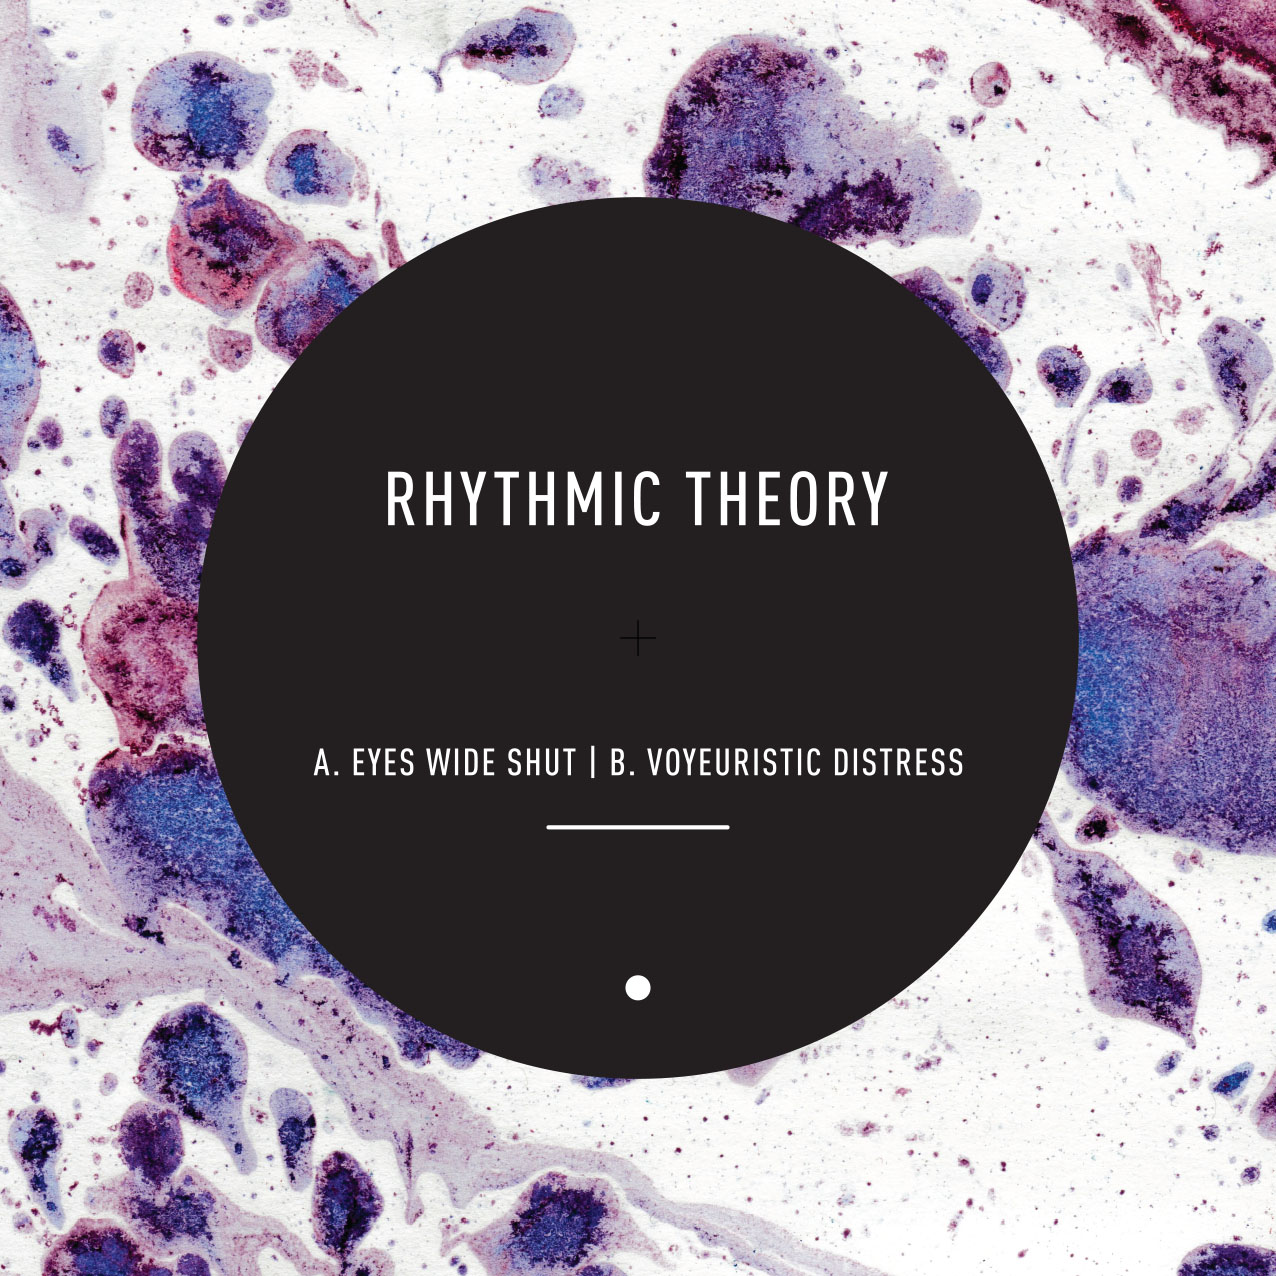 Rhythmic Theory - Eyes Wide Shut / Voyeuristic Distress [BRSTL007]